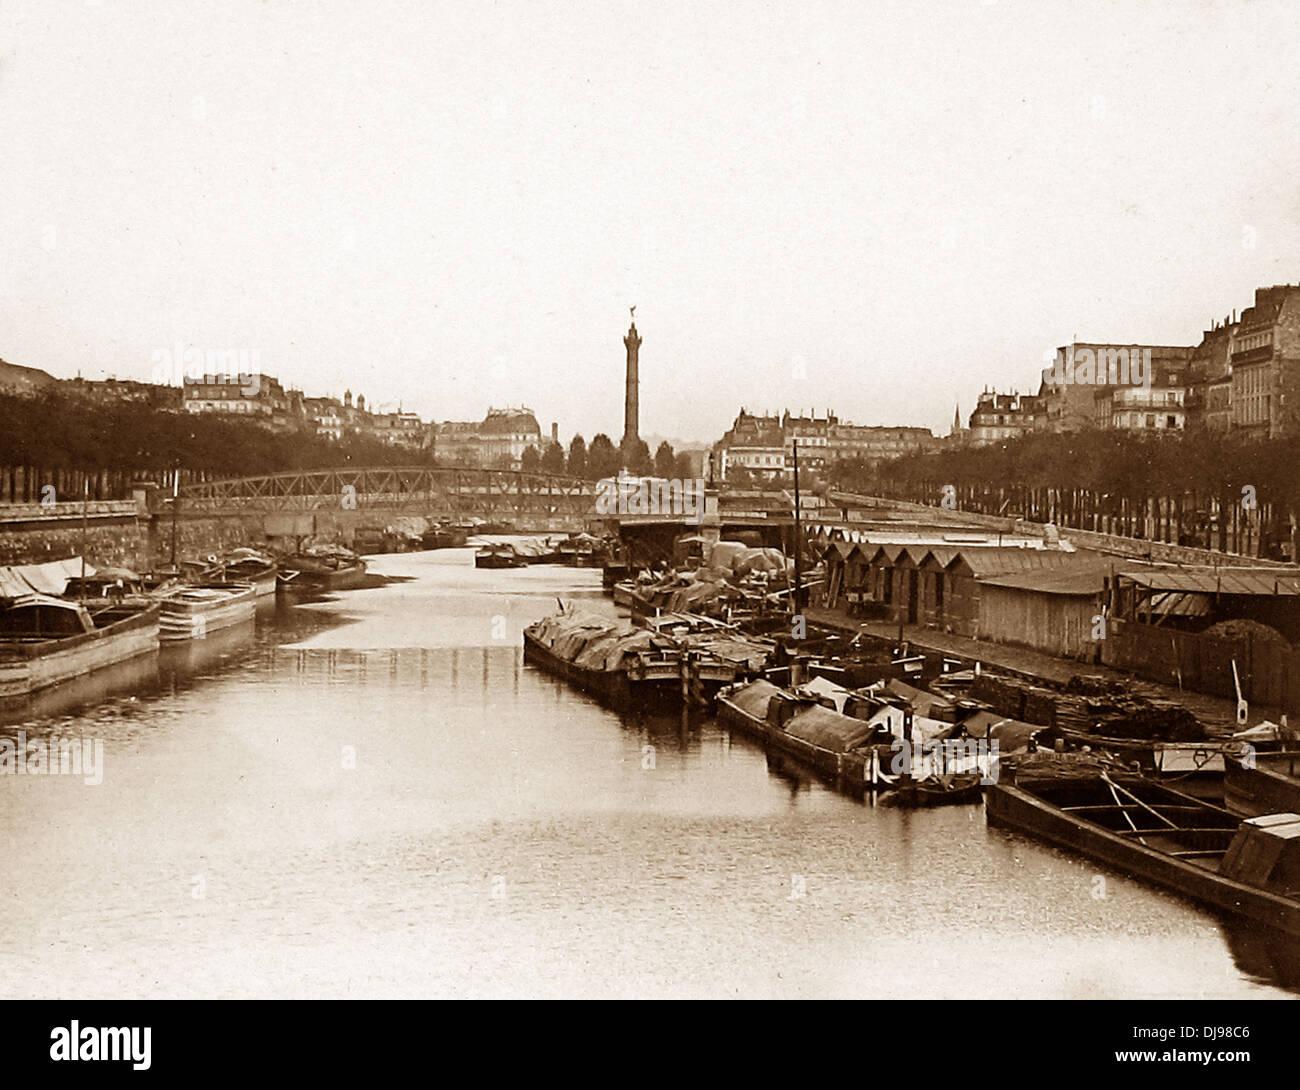 Paris - Canal Saint-Martin - Basin de la Bastille - pre-1900 - Stock Image